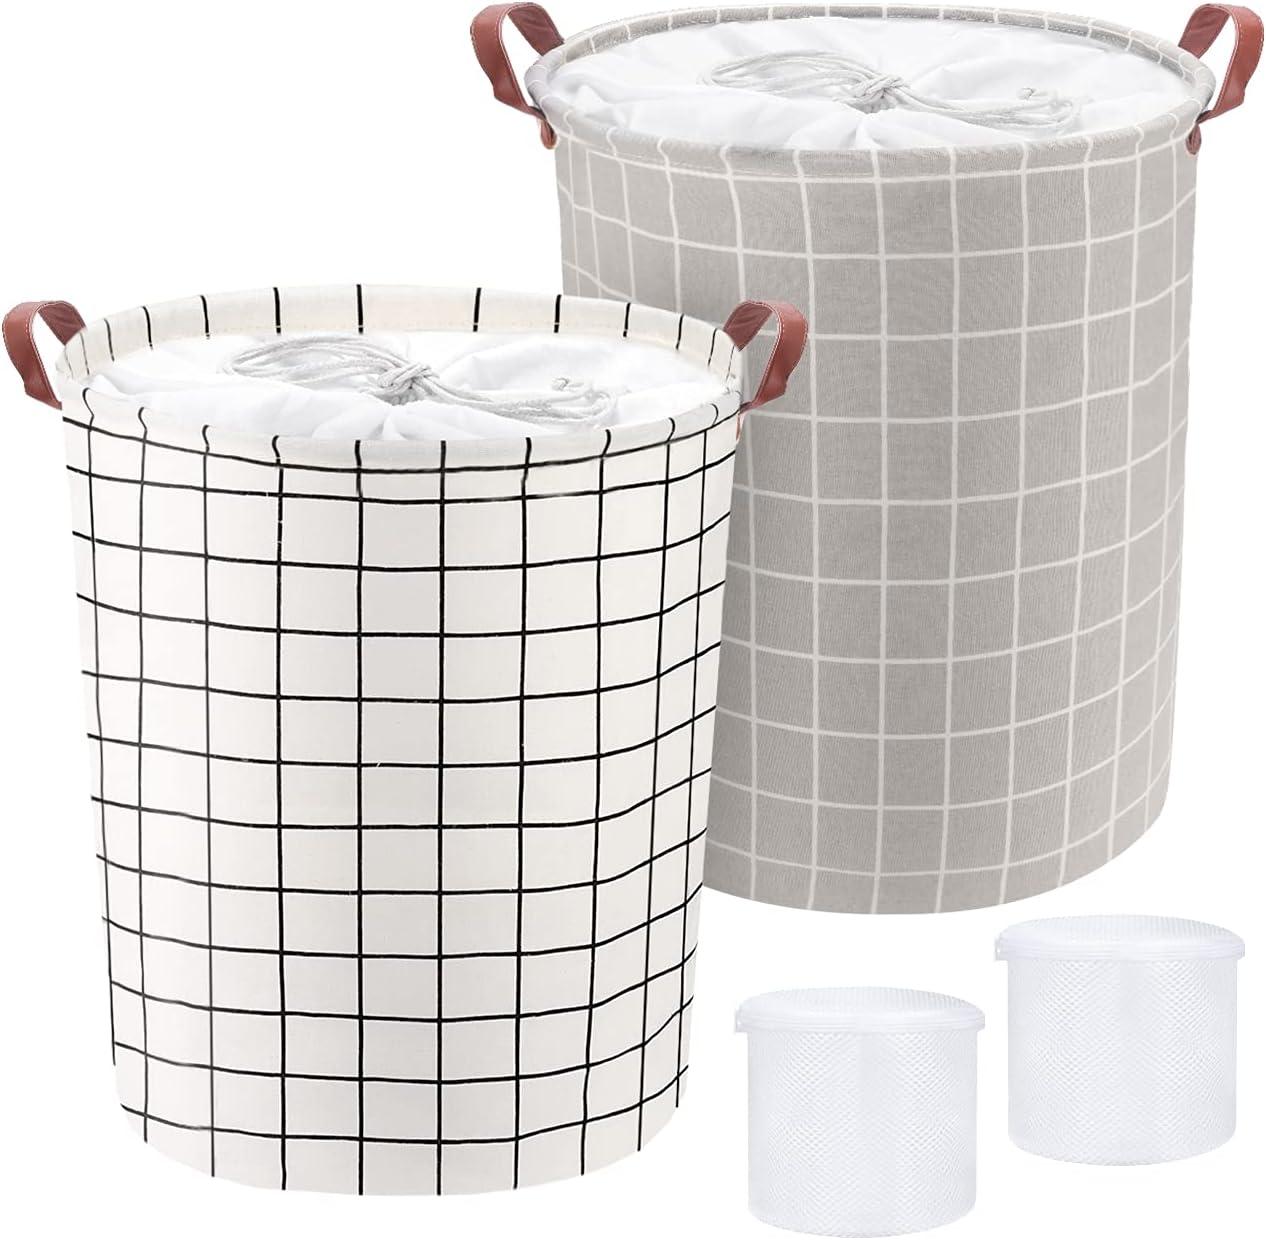 Cesto Ropa Sucia, 2 Piezas 62L Cestos para la Colada Plegables Impermeables de Algodón, Cestos de Lavandería con Asas y Cordón para Ropa Juguetes